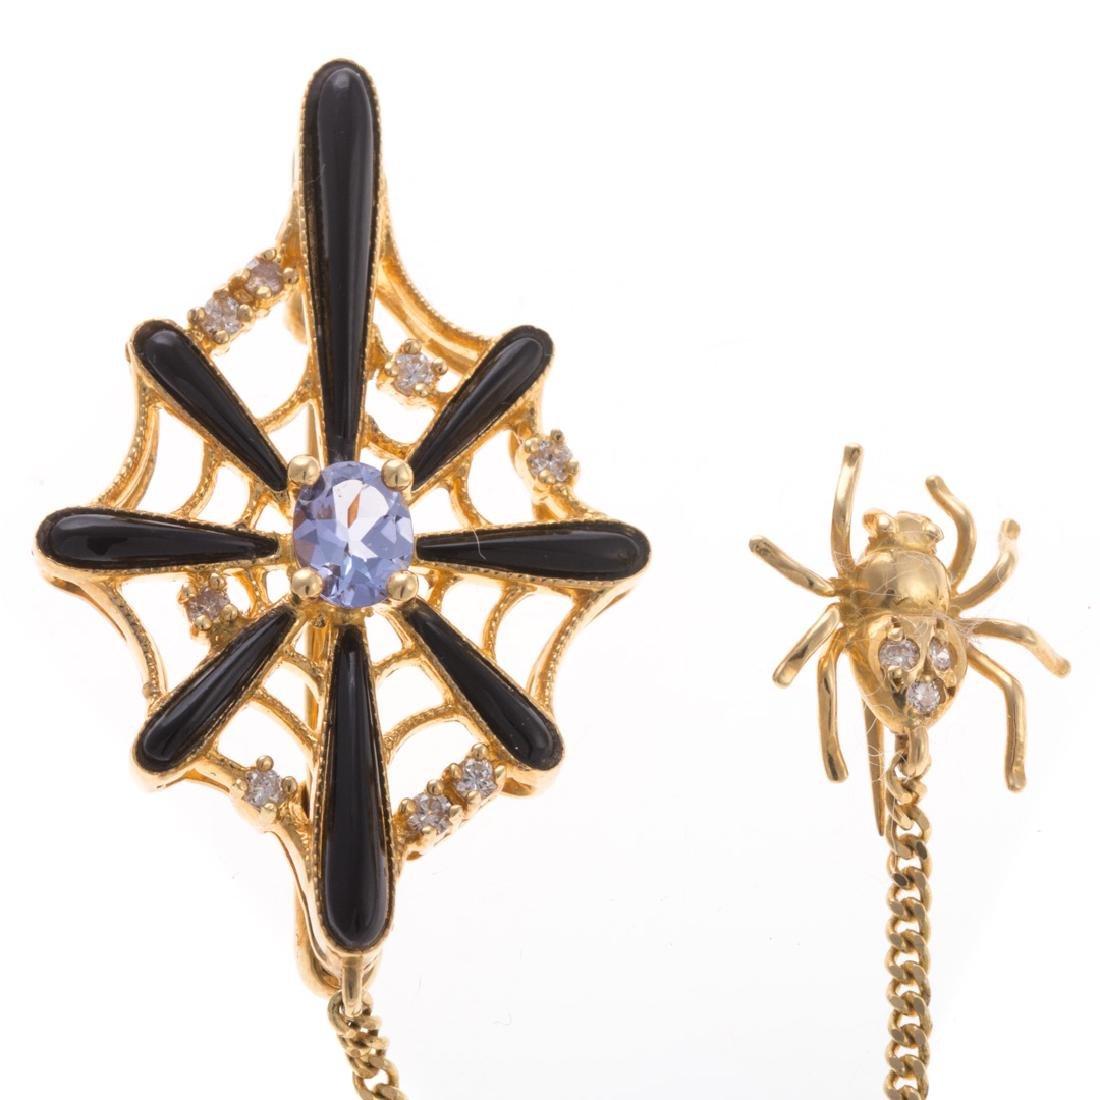 A Spider Web Pin with Diamonds & Tanzanite in 18K - 2